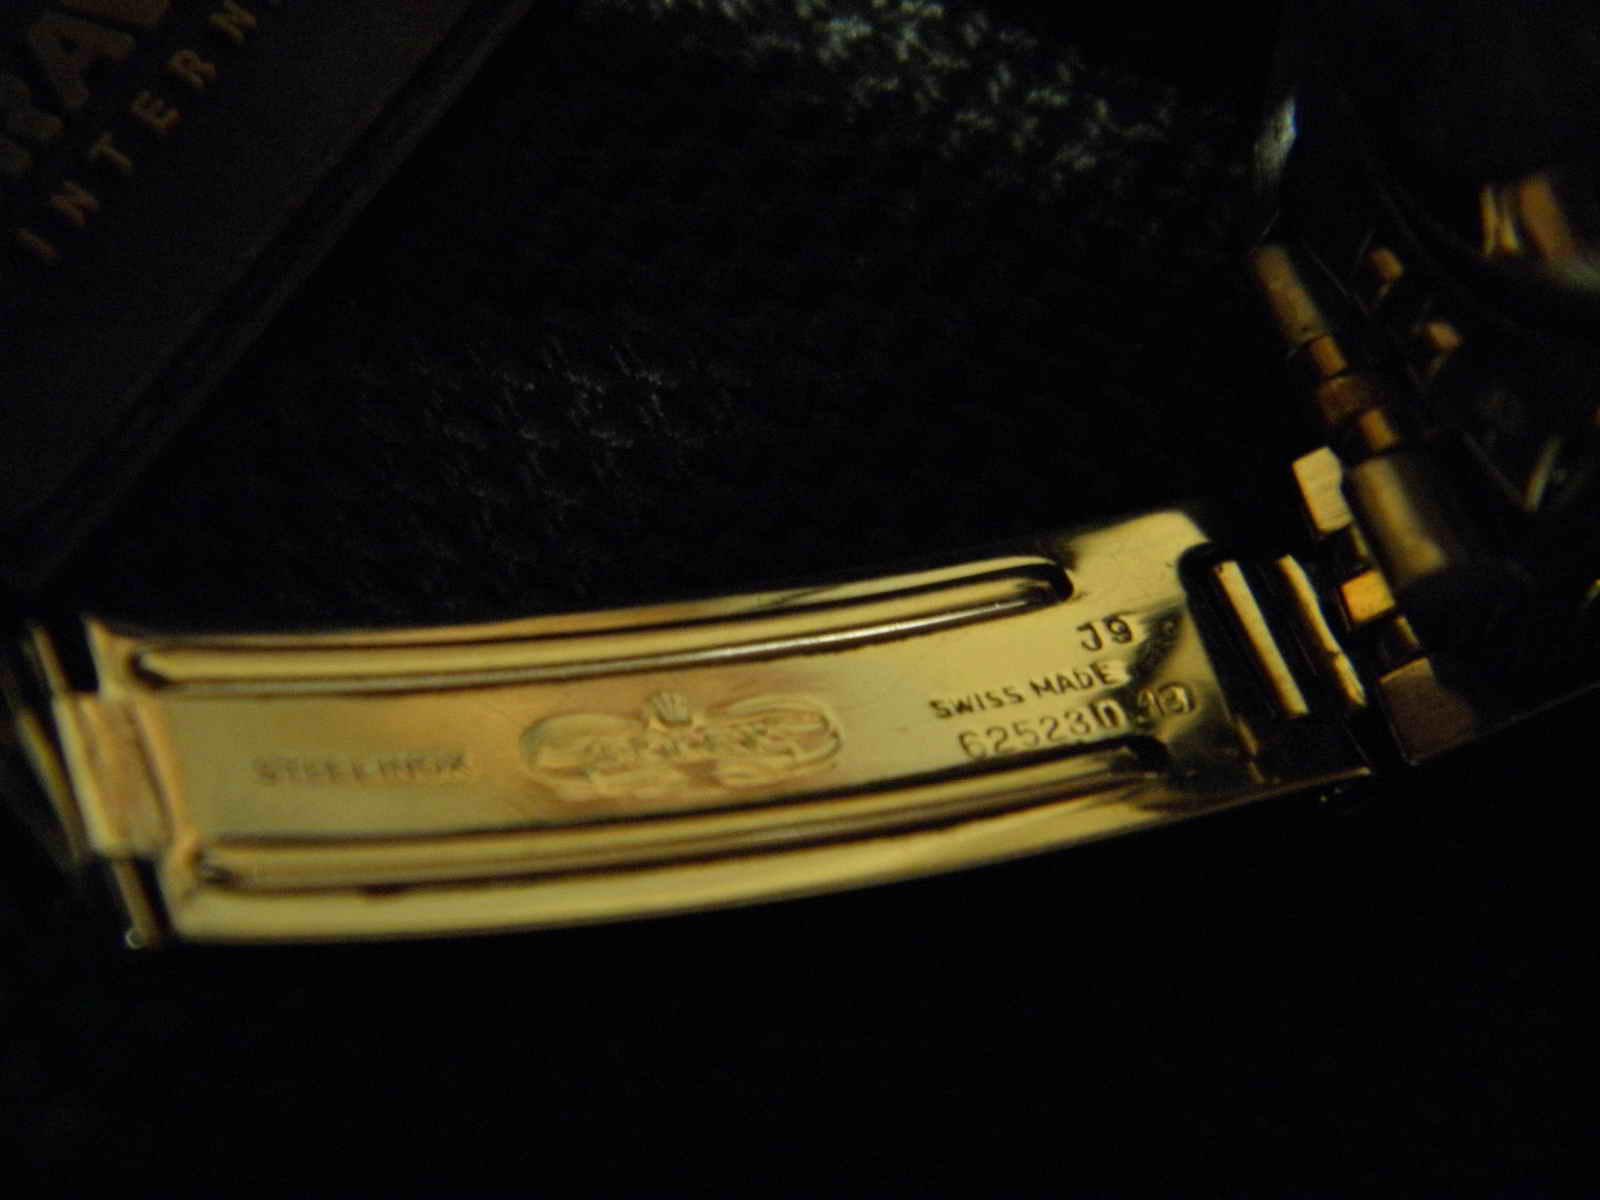 Kiosku For Sale Rolex Datejust Ladies Gmt Kombinasi Swiss Mesin 2838 2 Ss Yg Ref 69173 Movement Made Cal 2135 Dia 28 Mm W C Keseluruhan Dalam Kondisi Baik Sekali Dan Original